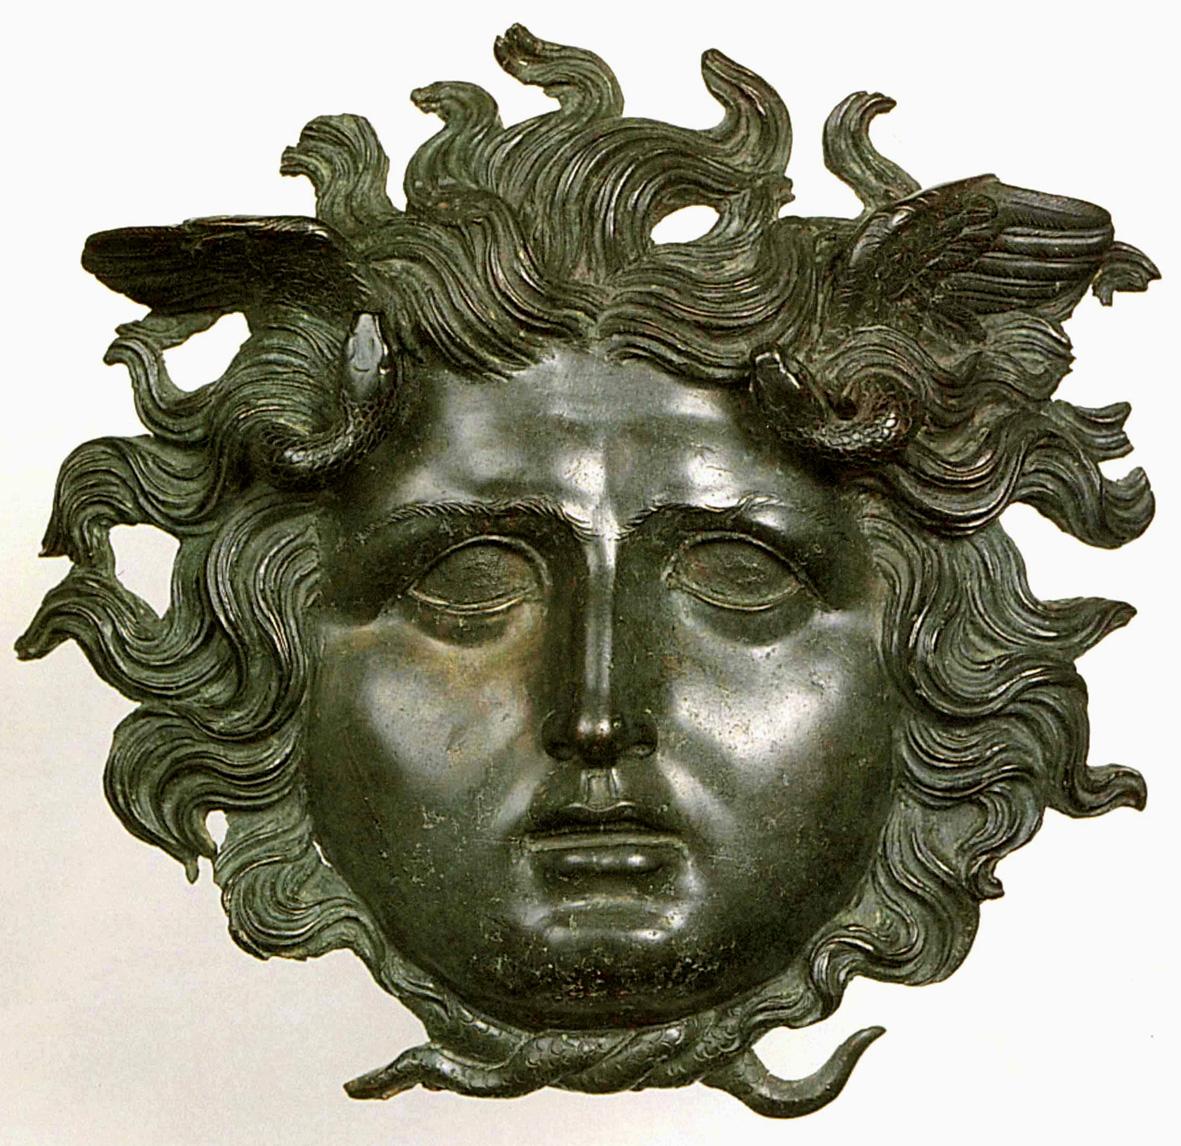 Veleni, pozioni magiche e cure dall'antichità in poi: una mostra al Museo Nazionale Atestino